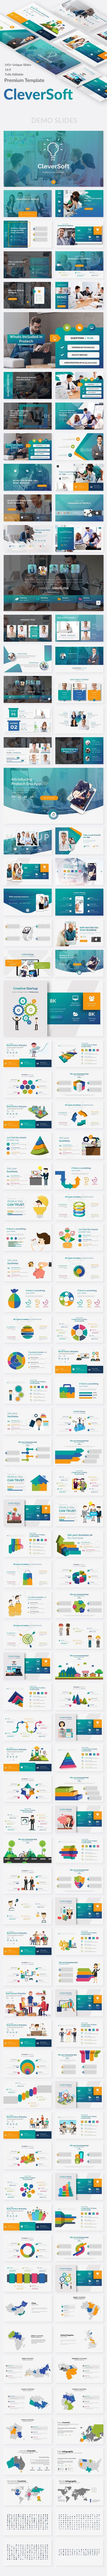 Die besten 25+ Powerpoint kostenlos Ideen auf Pinterest ...